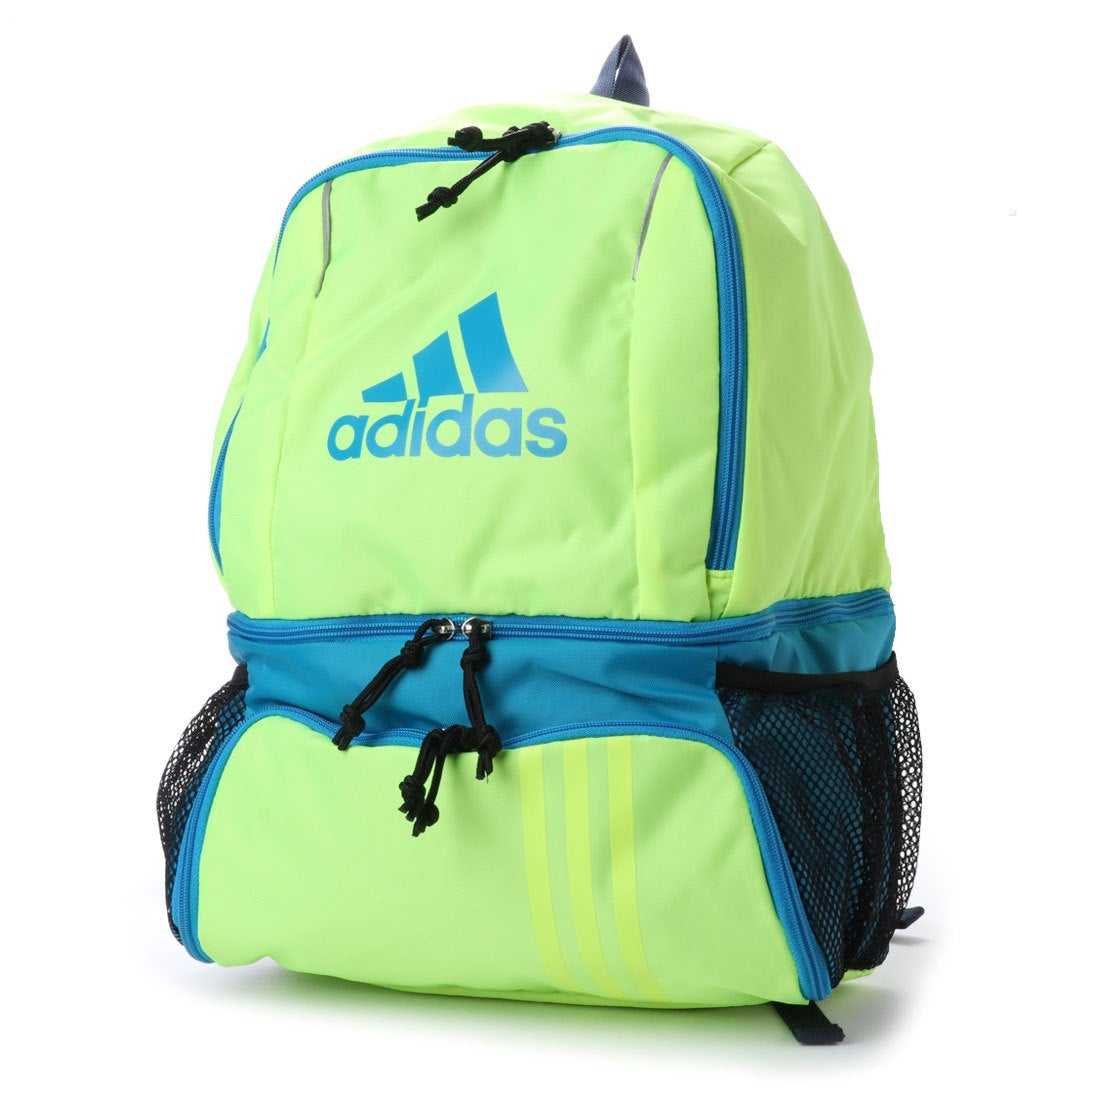 アディダス adidas サッカー フットサル バックパック ボール用デイパック ADP27YB